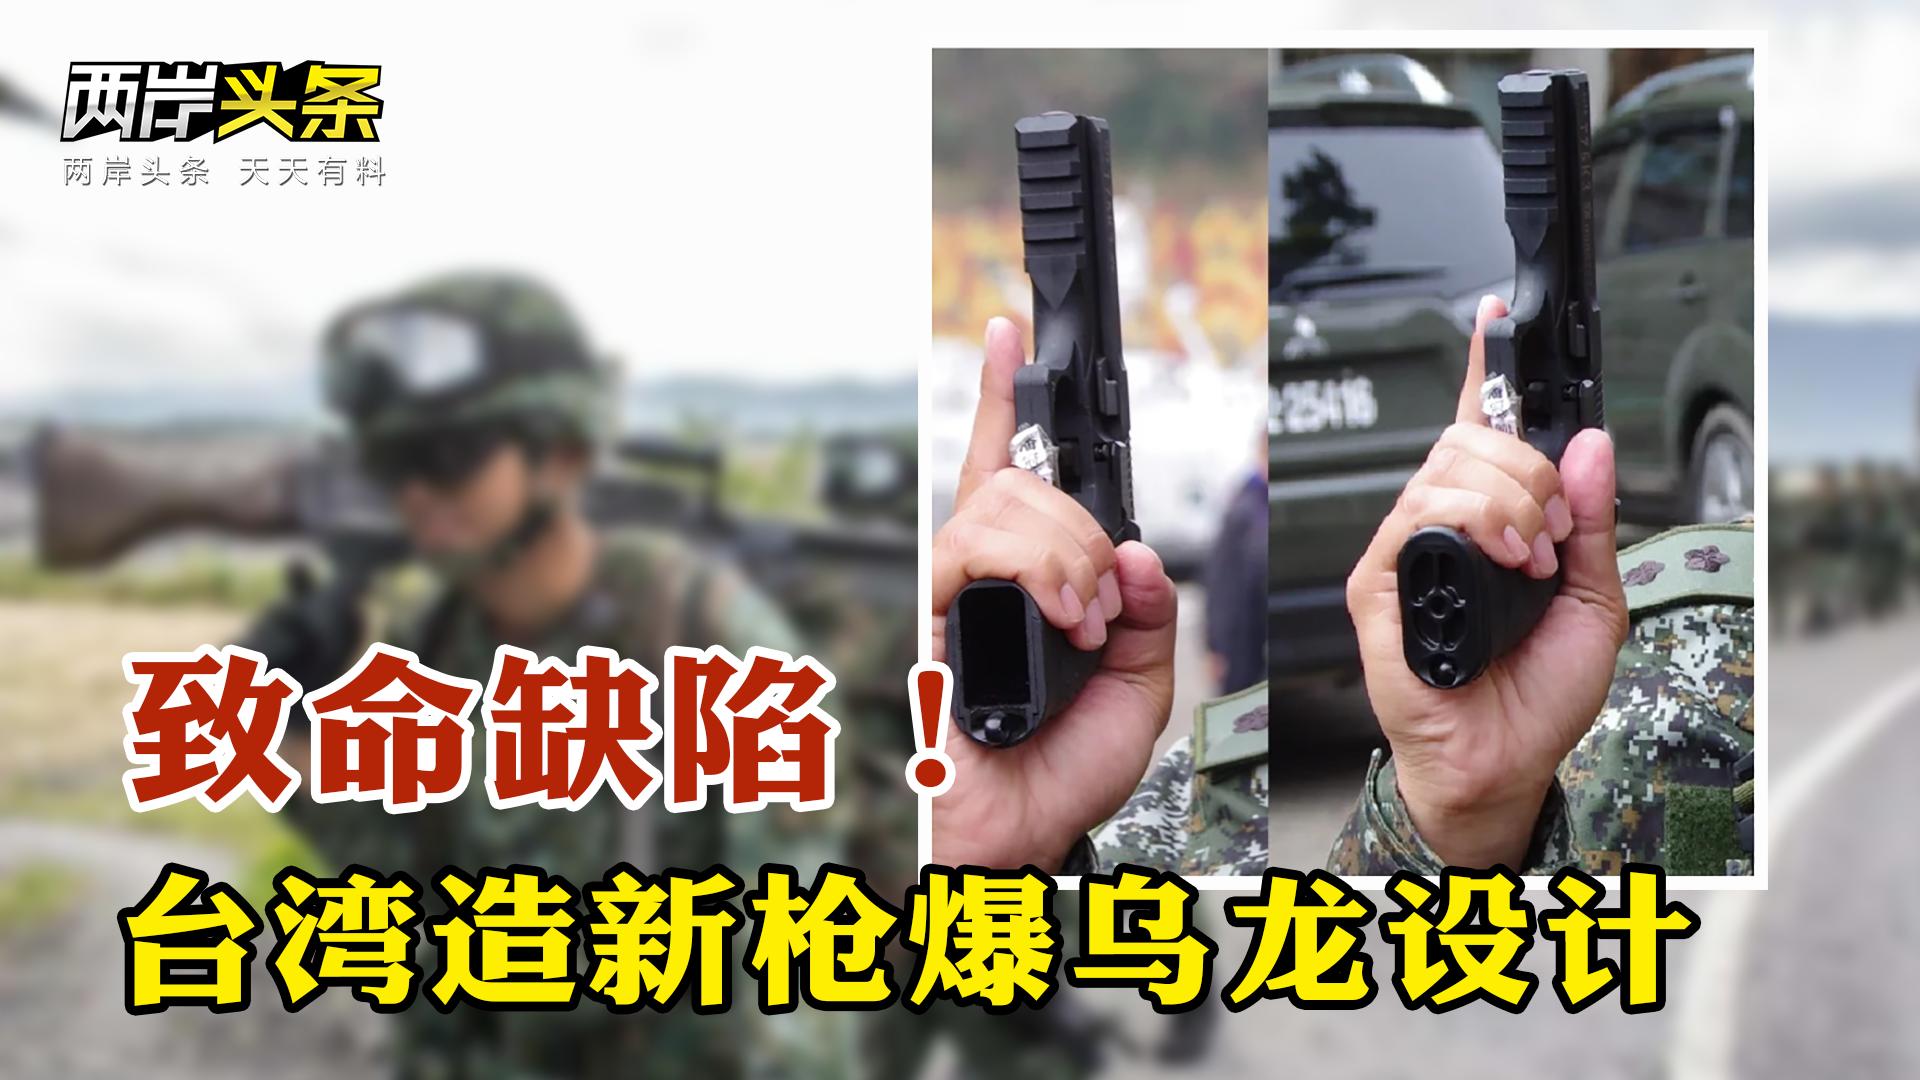 致命缺陷!台湾造新枪爆乌龙设计新增1例菲律宾输入病例